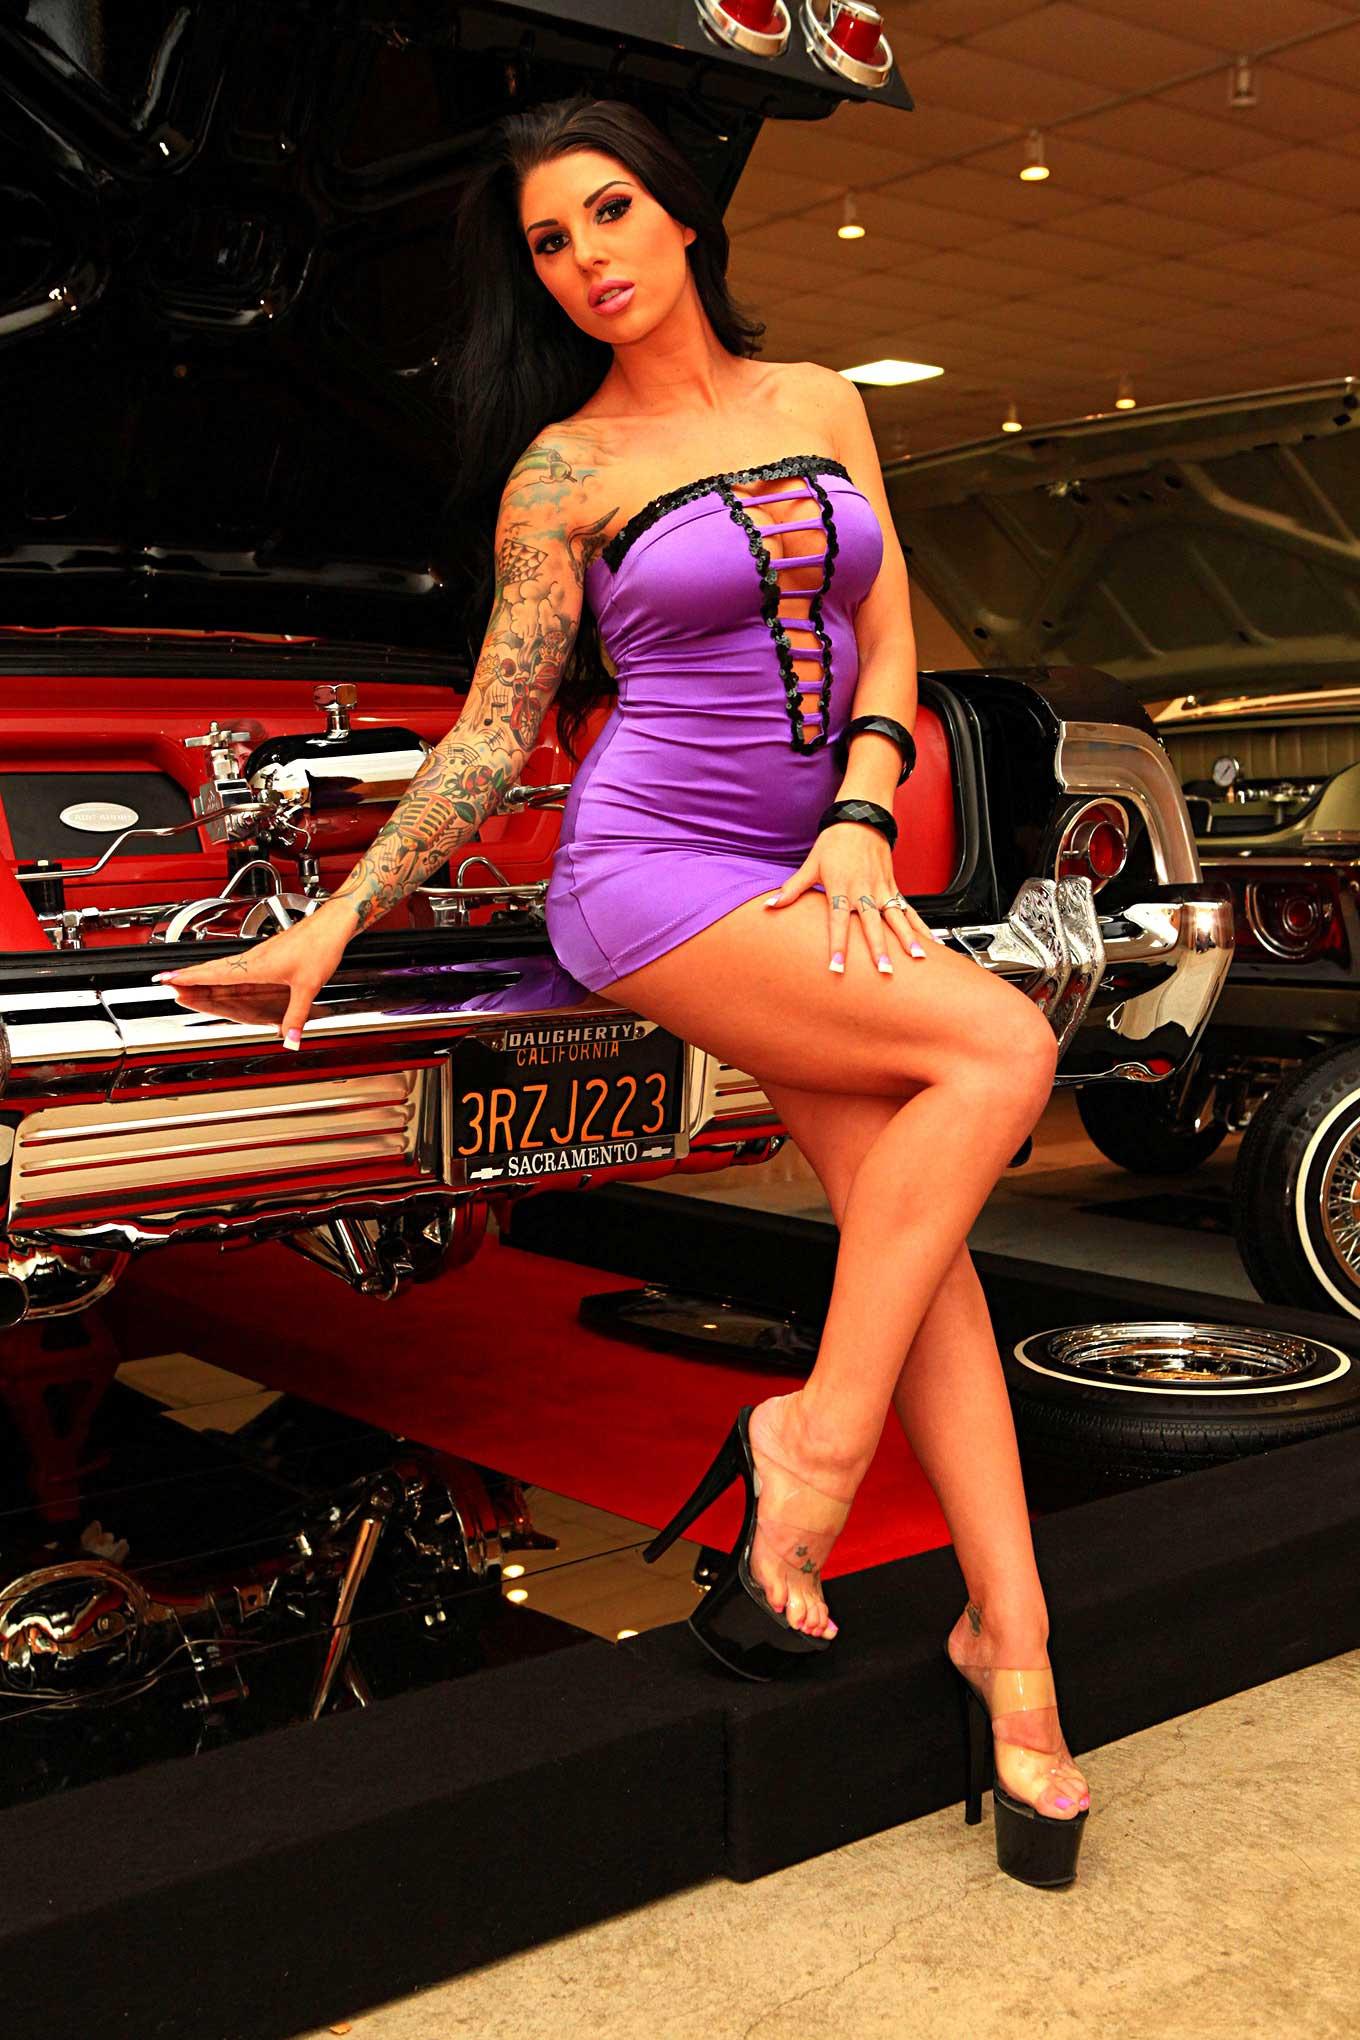 Car Show Models Of Darling Danika Lowrider - Car show models